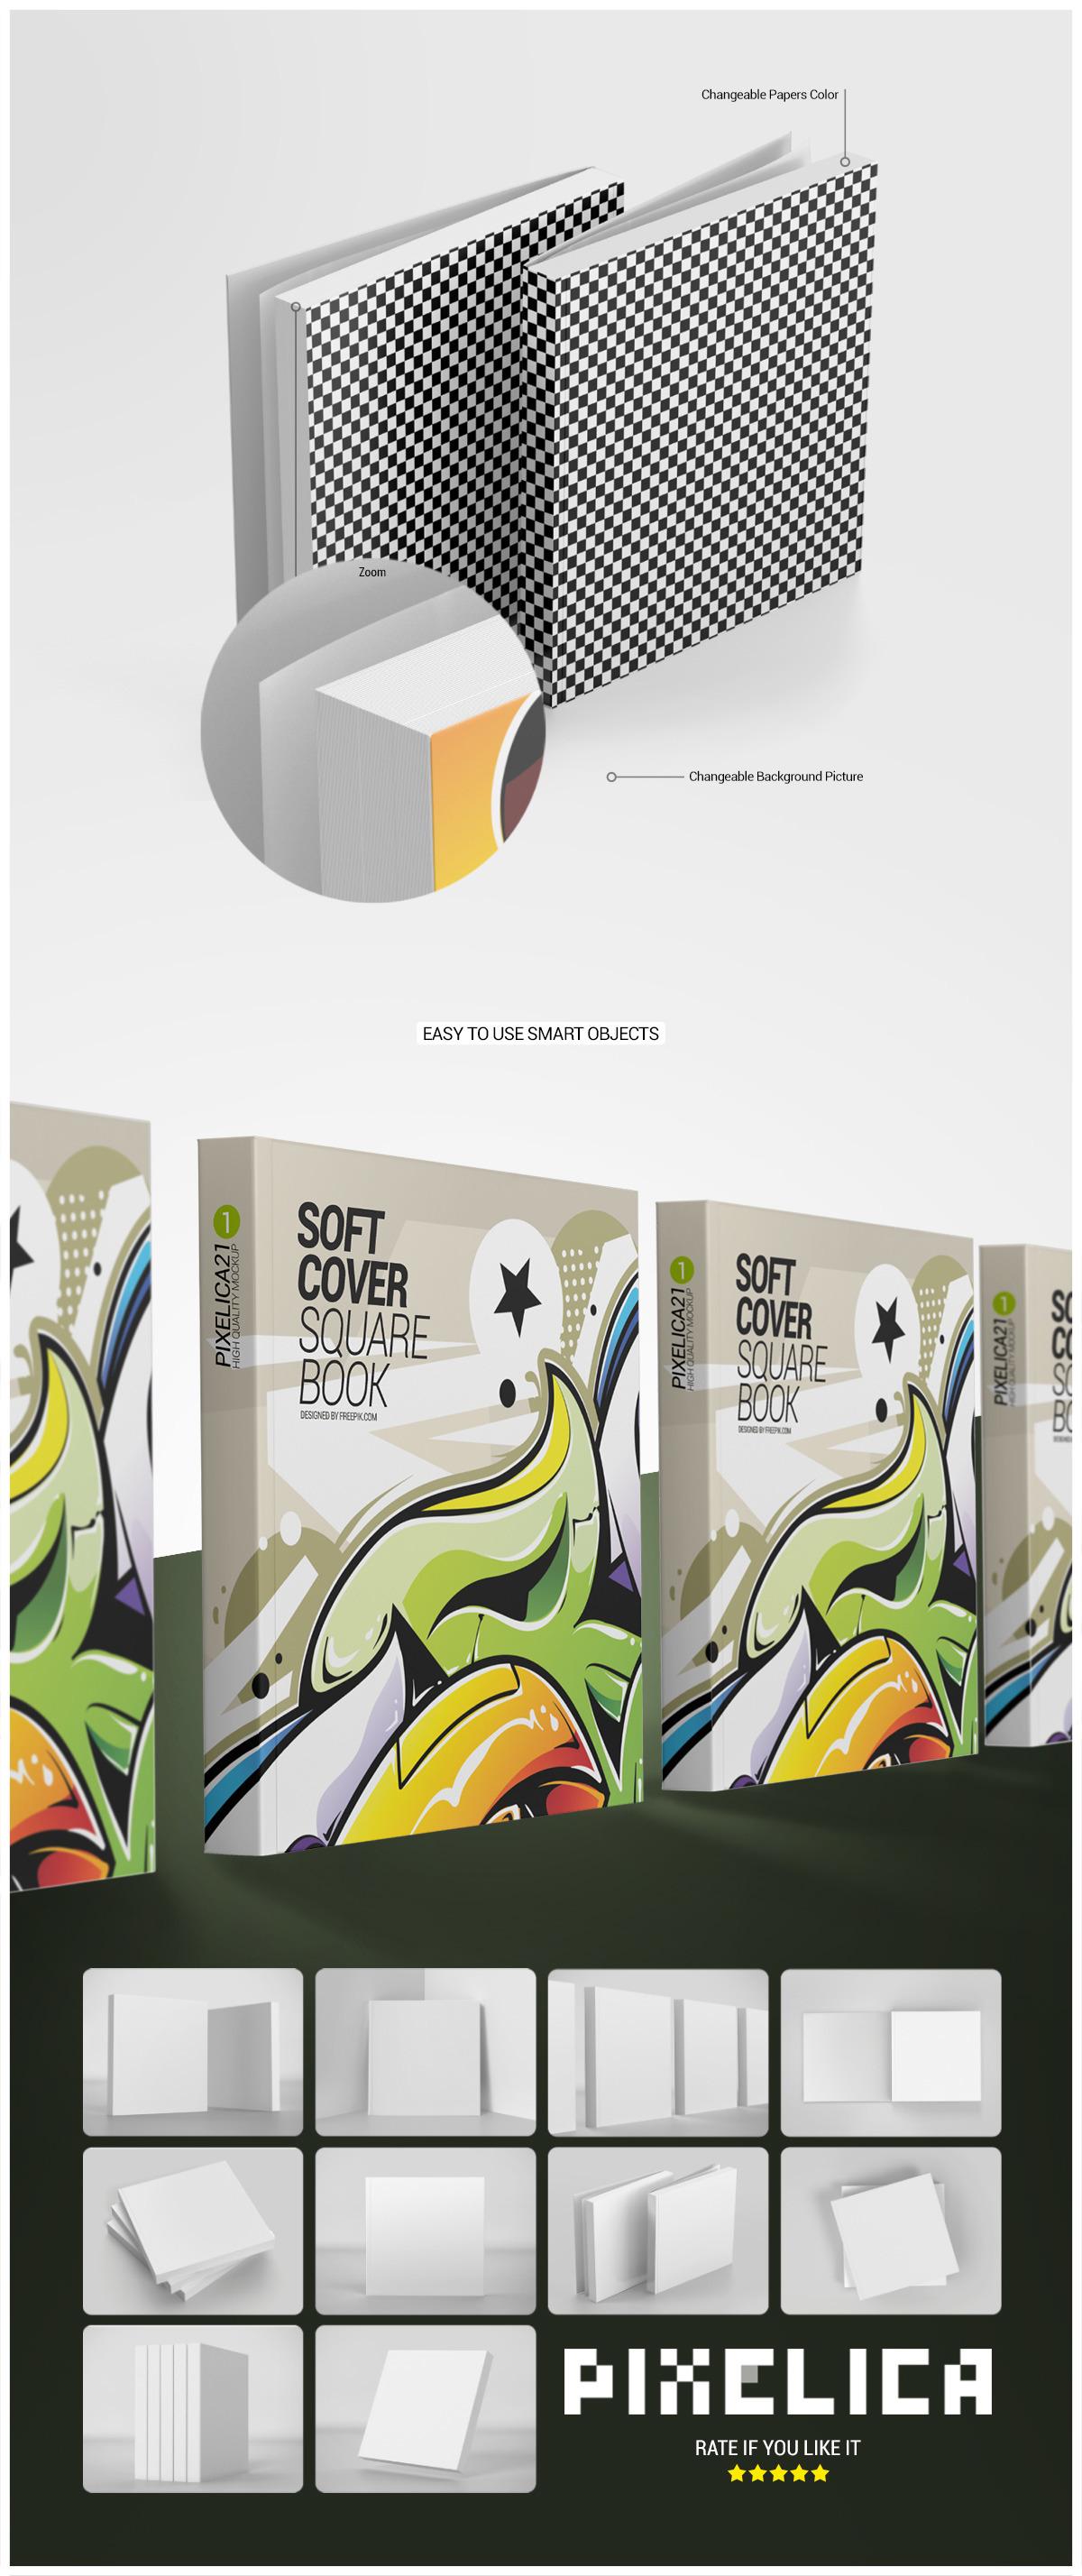 Soft Cover Square Book Mockup